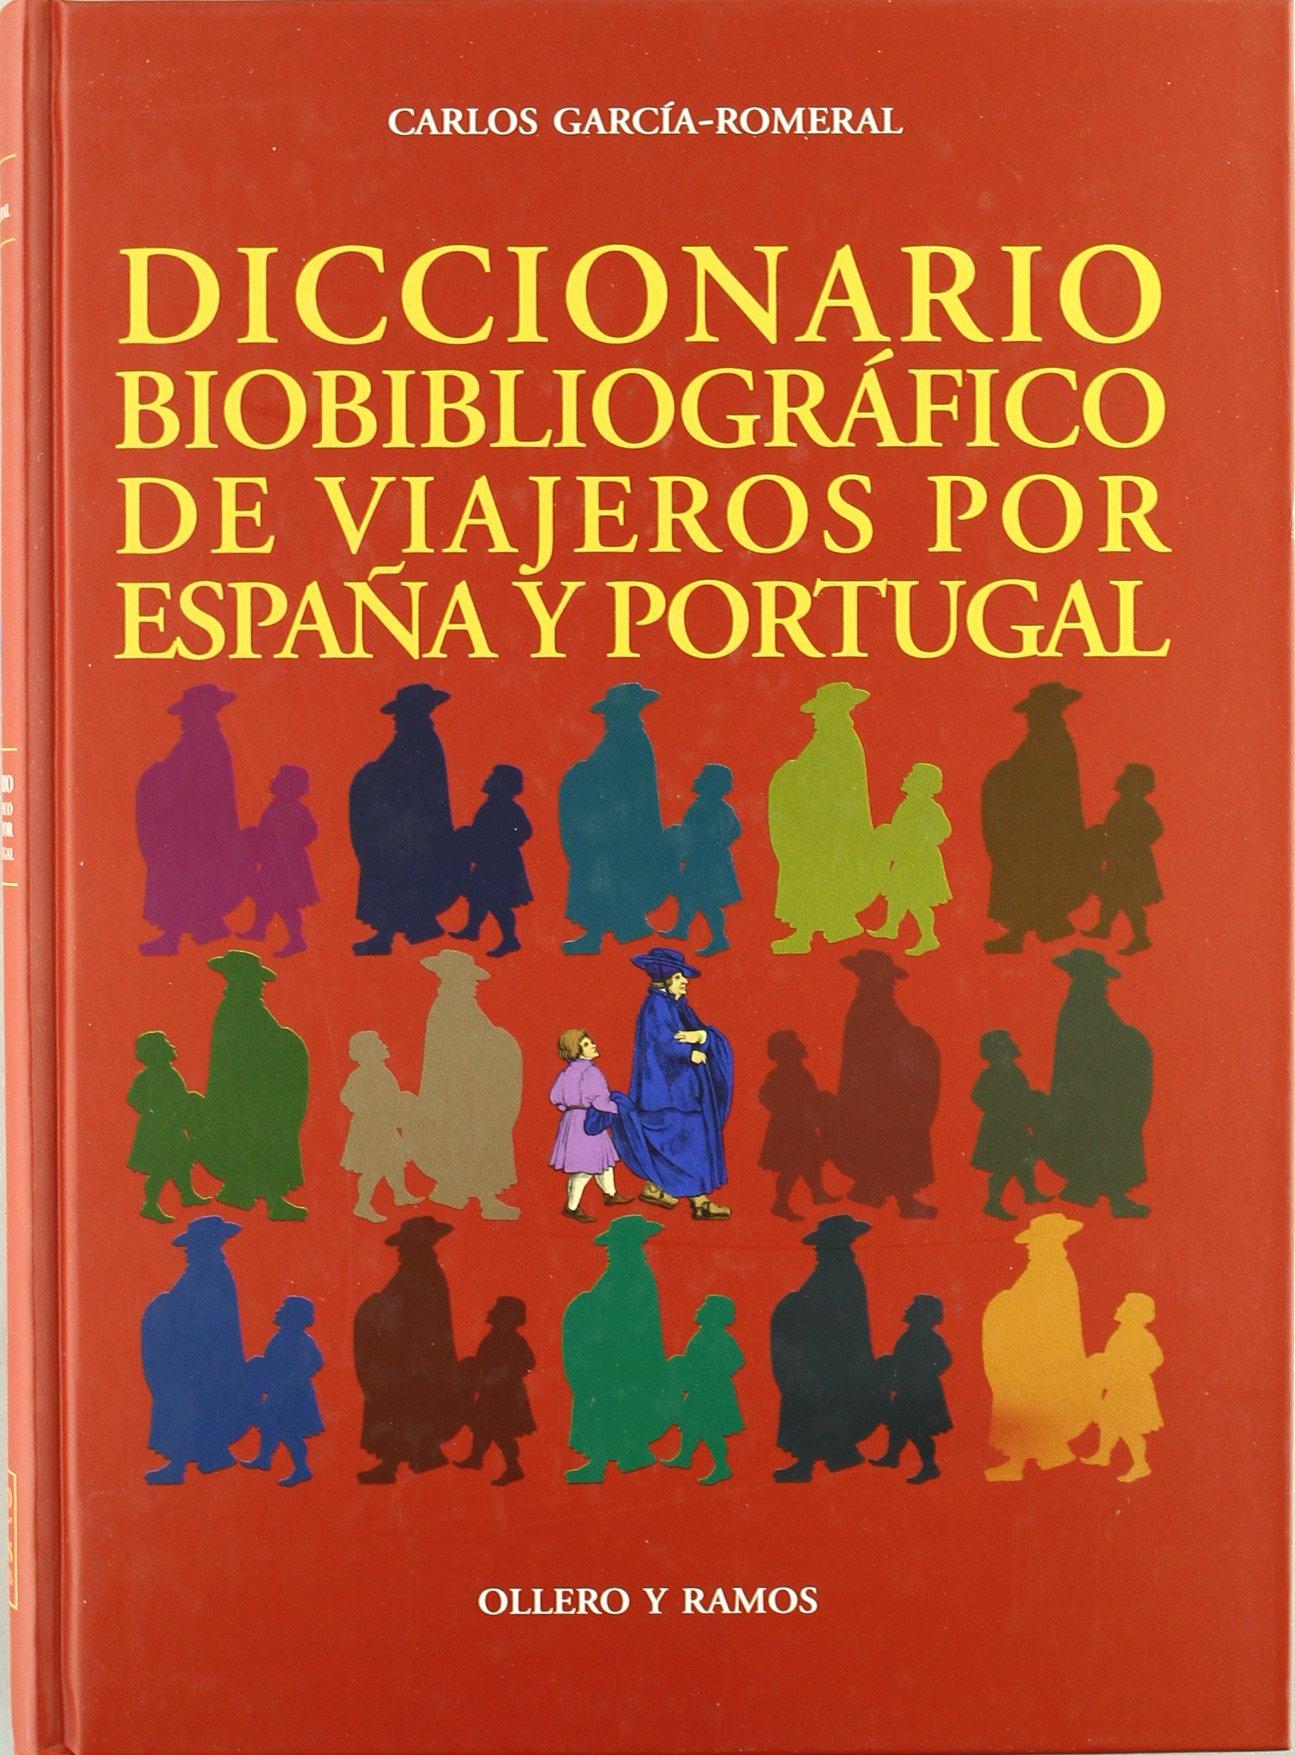 Diccionario Biobibliográfico de Viajeros por España y Portugal ...